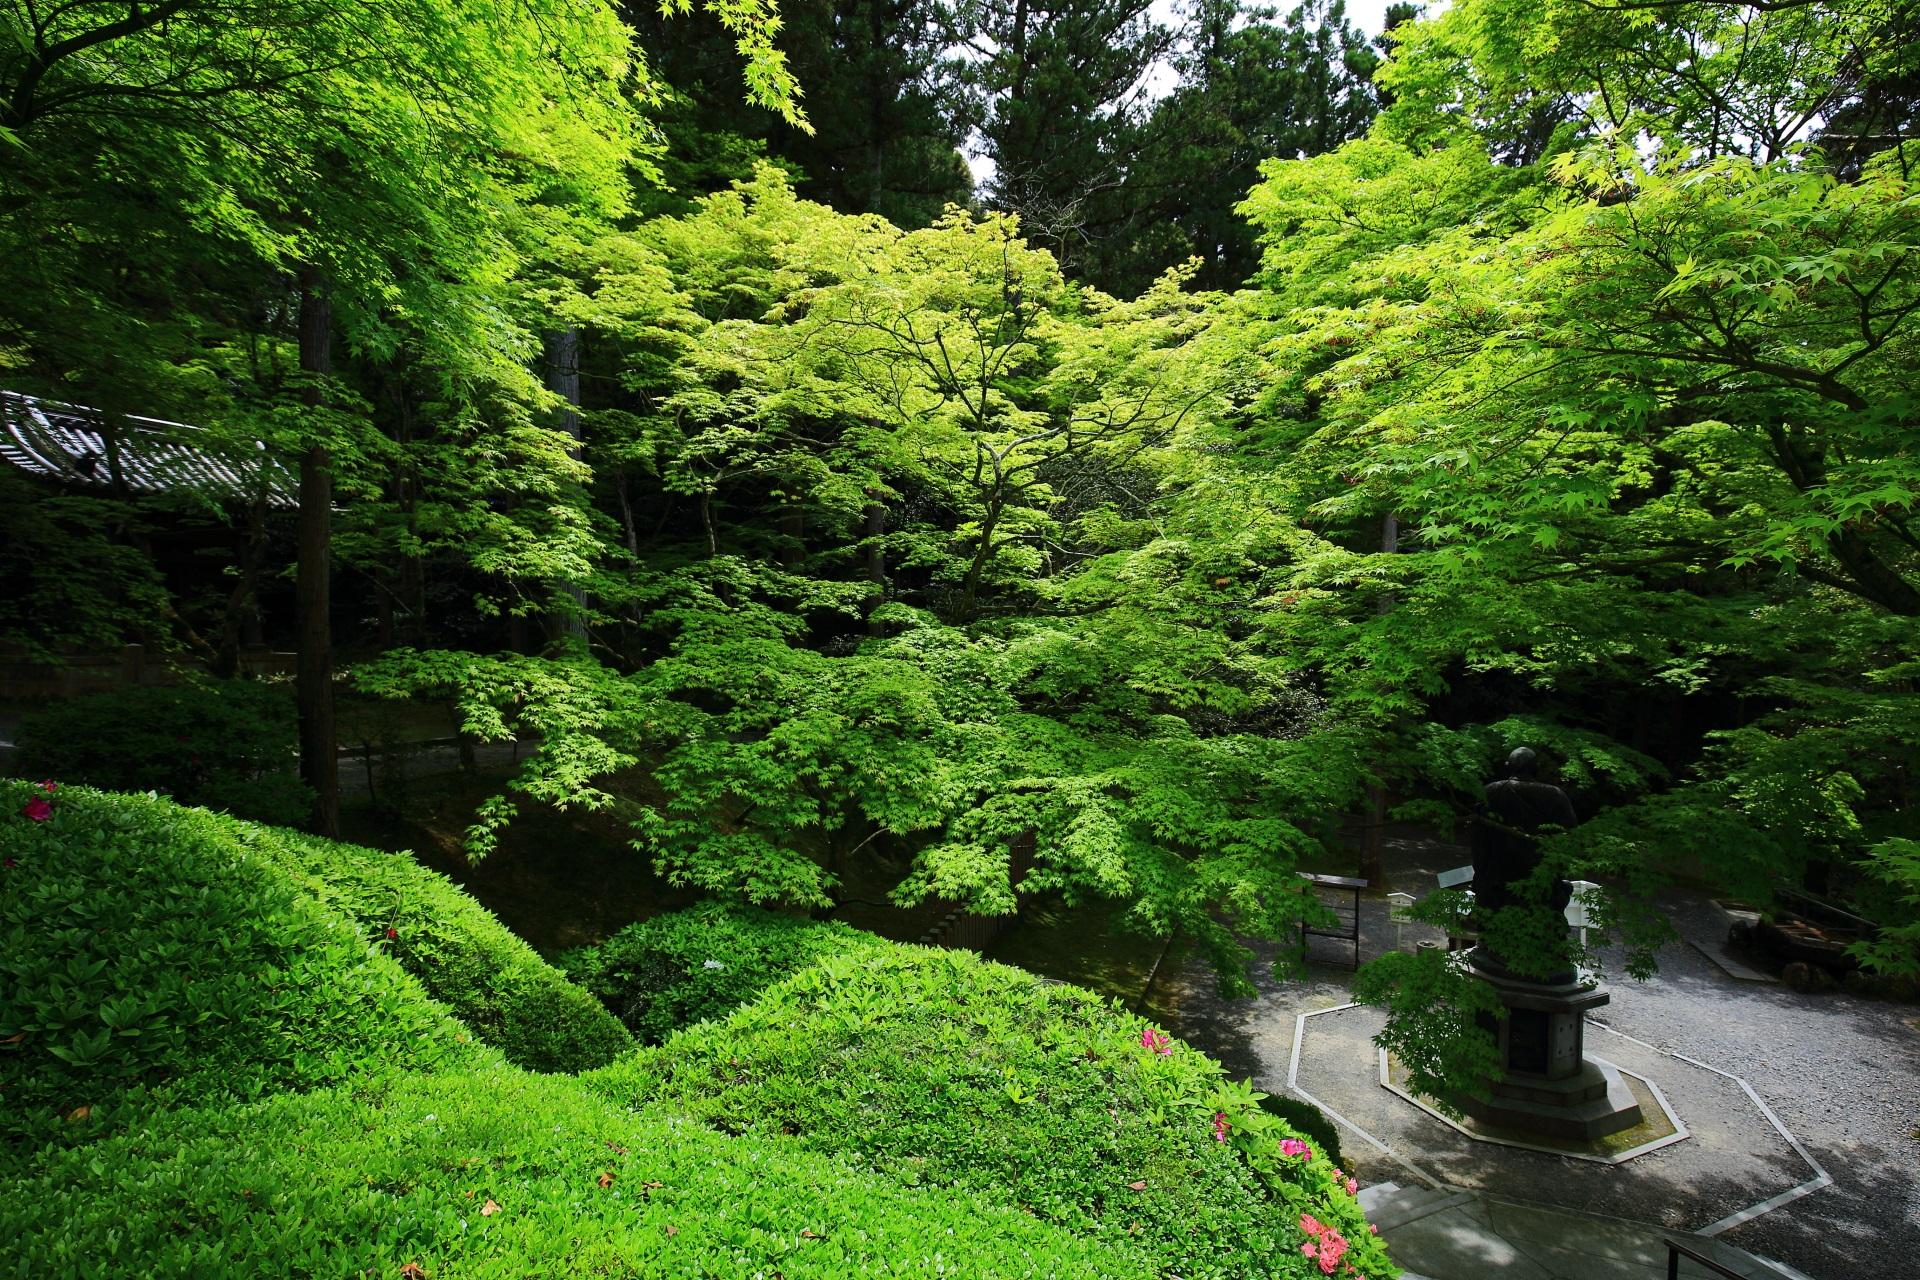 今熊野観音寺の鮮やかな新緑と深い緑